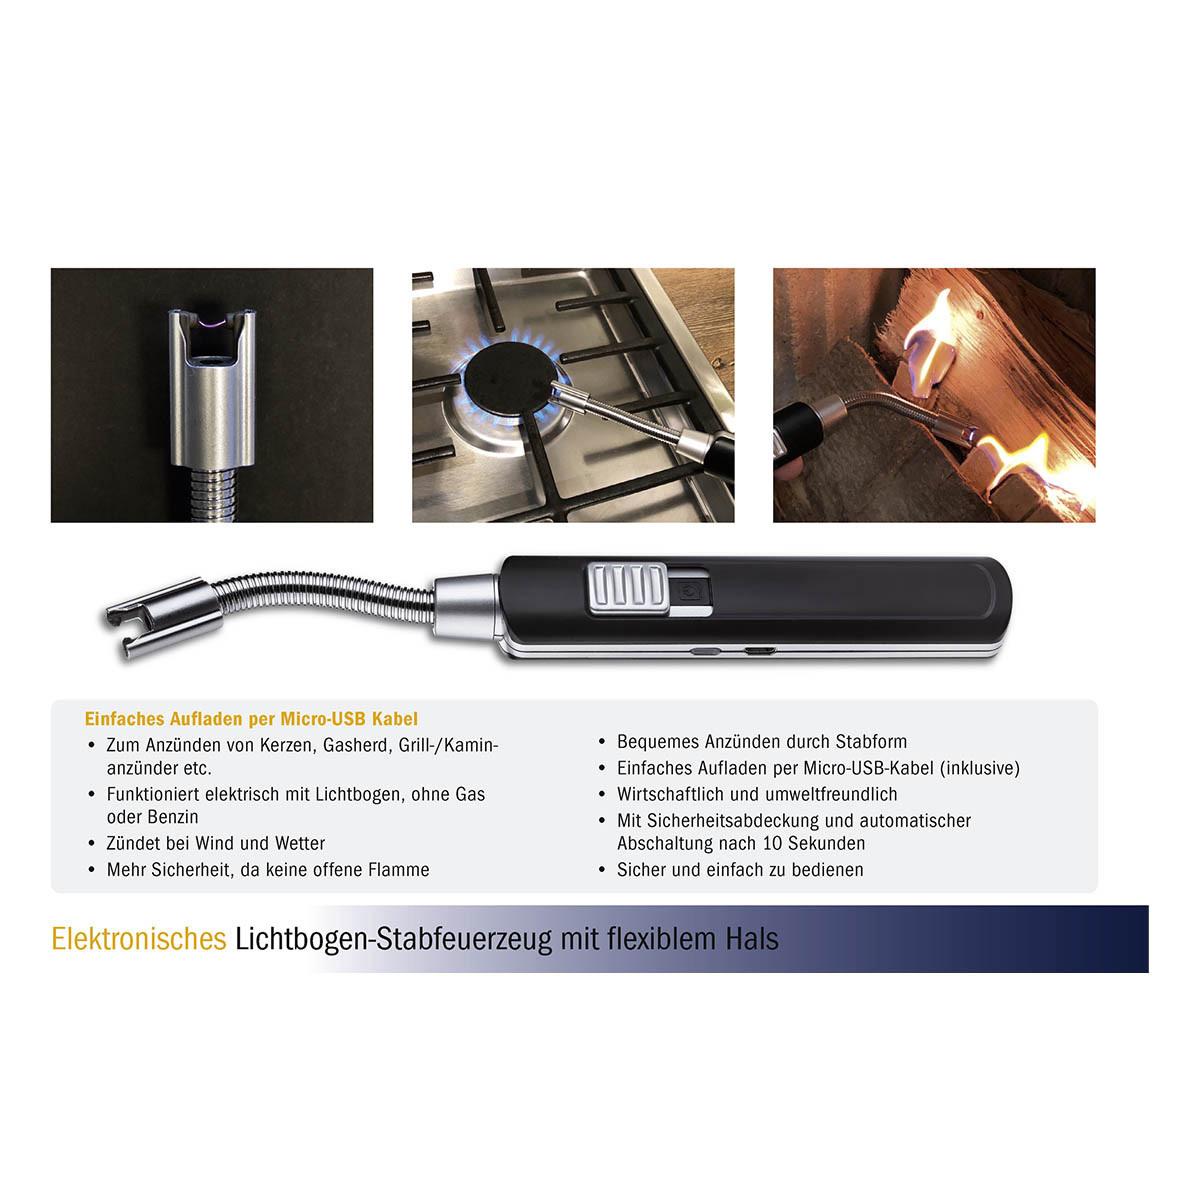 98-1118-01-elektronisches-lichtbogen-stabfeuerzeug-mit-flexiblem-hals-vorteile-1200x1200px.jpg